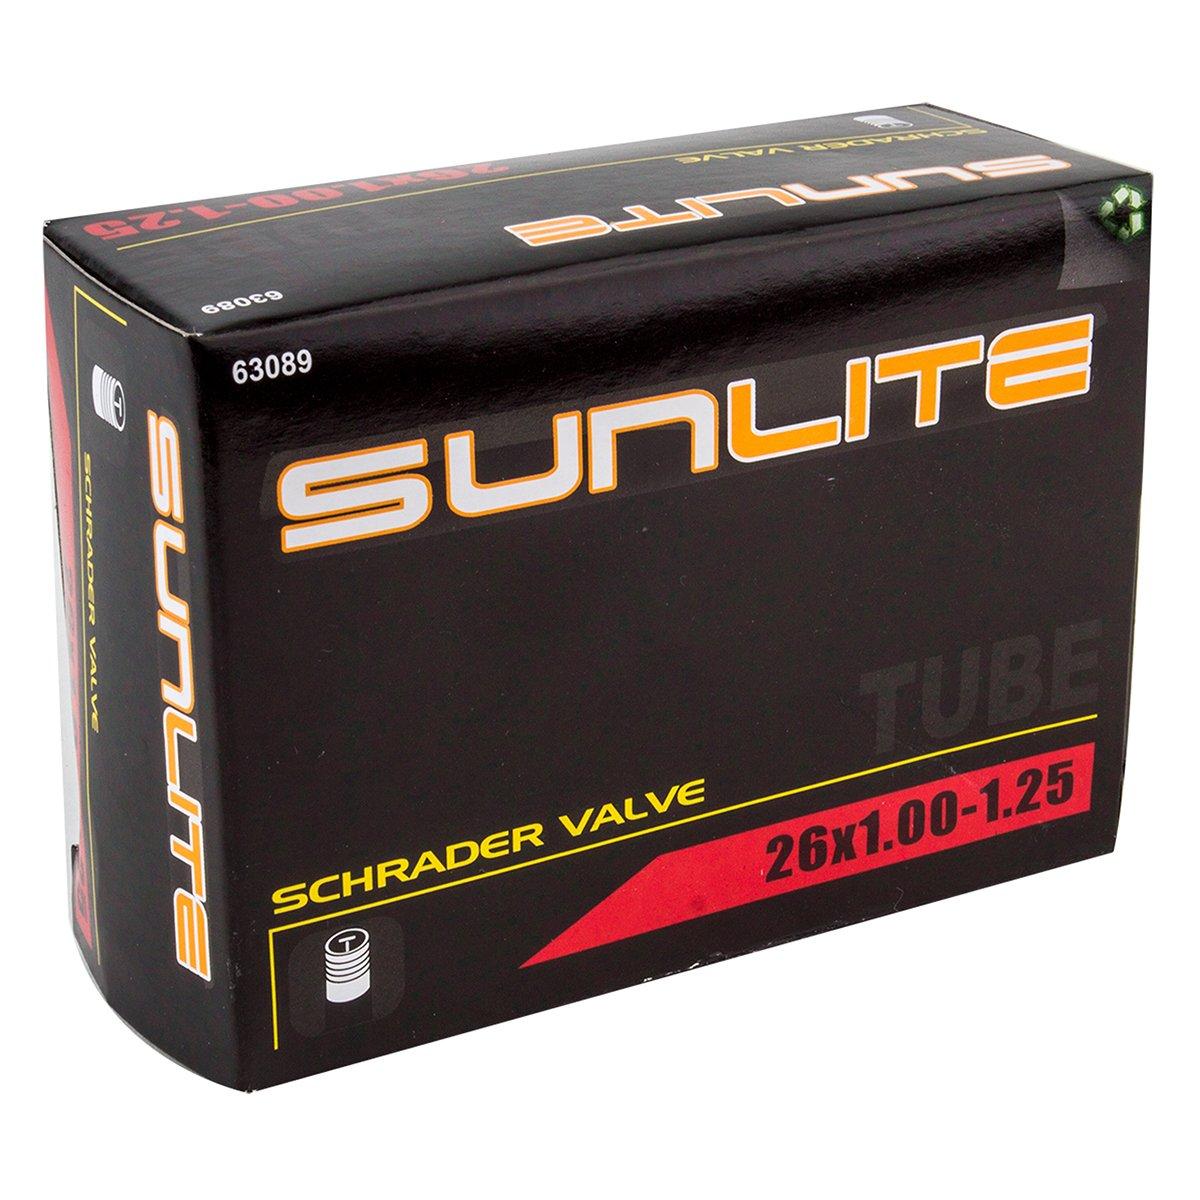 Sunlite Fahrradschlauch 26 x 1.00–1.25 Schrader Ventil